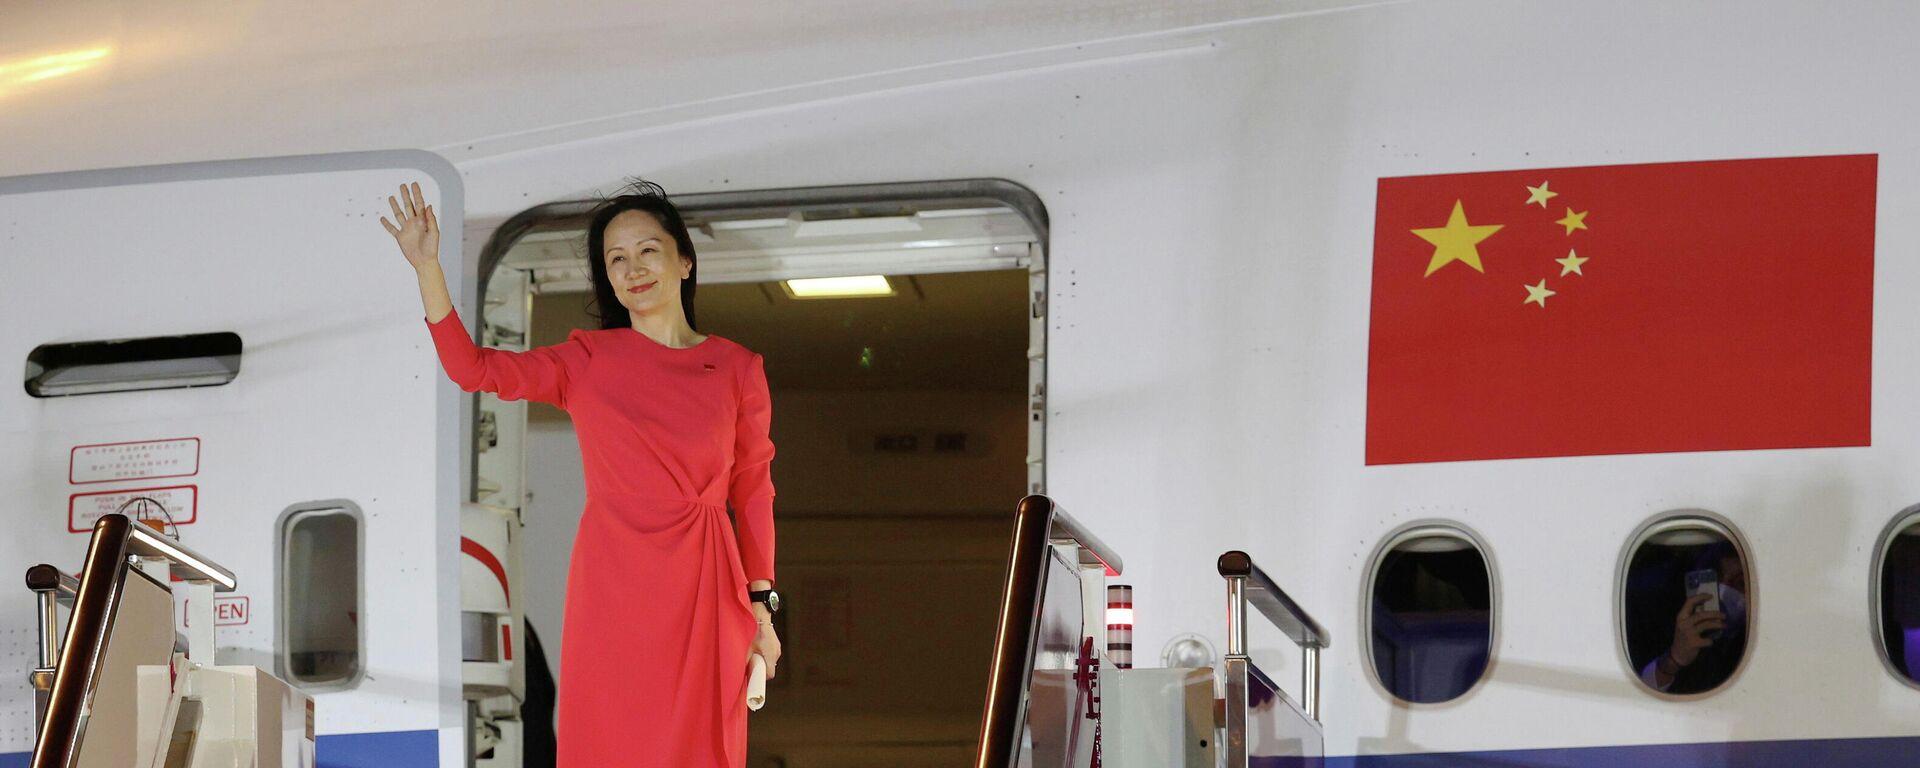 Финансовый директор Huawei Мэн Ваньчжоу выходит из самолета в аэропорту города Шэньчжэнь - Sputnik Таджикистан, 1920, 28.09.2021